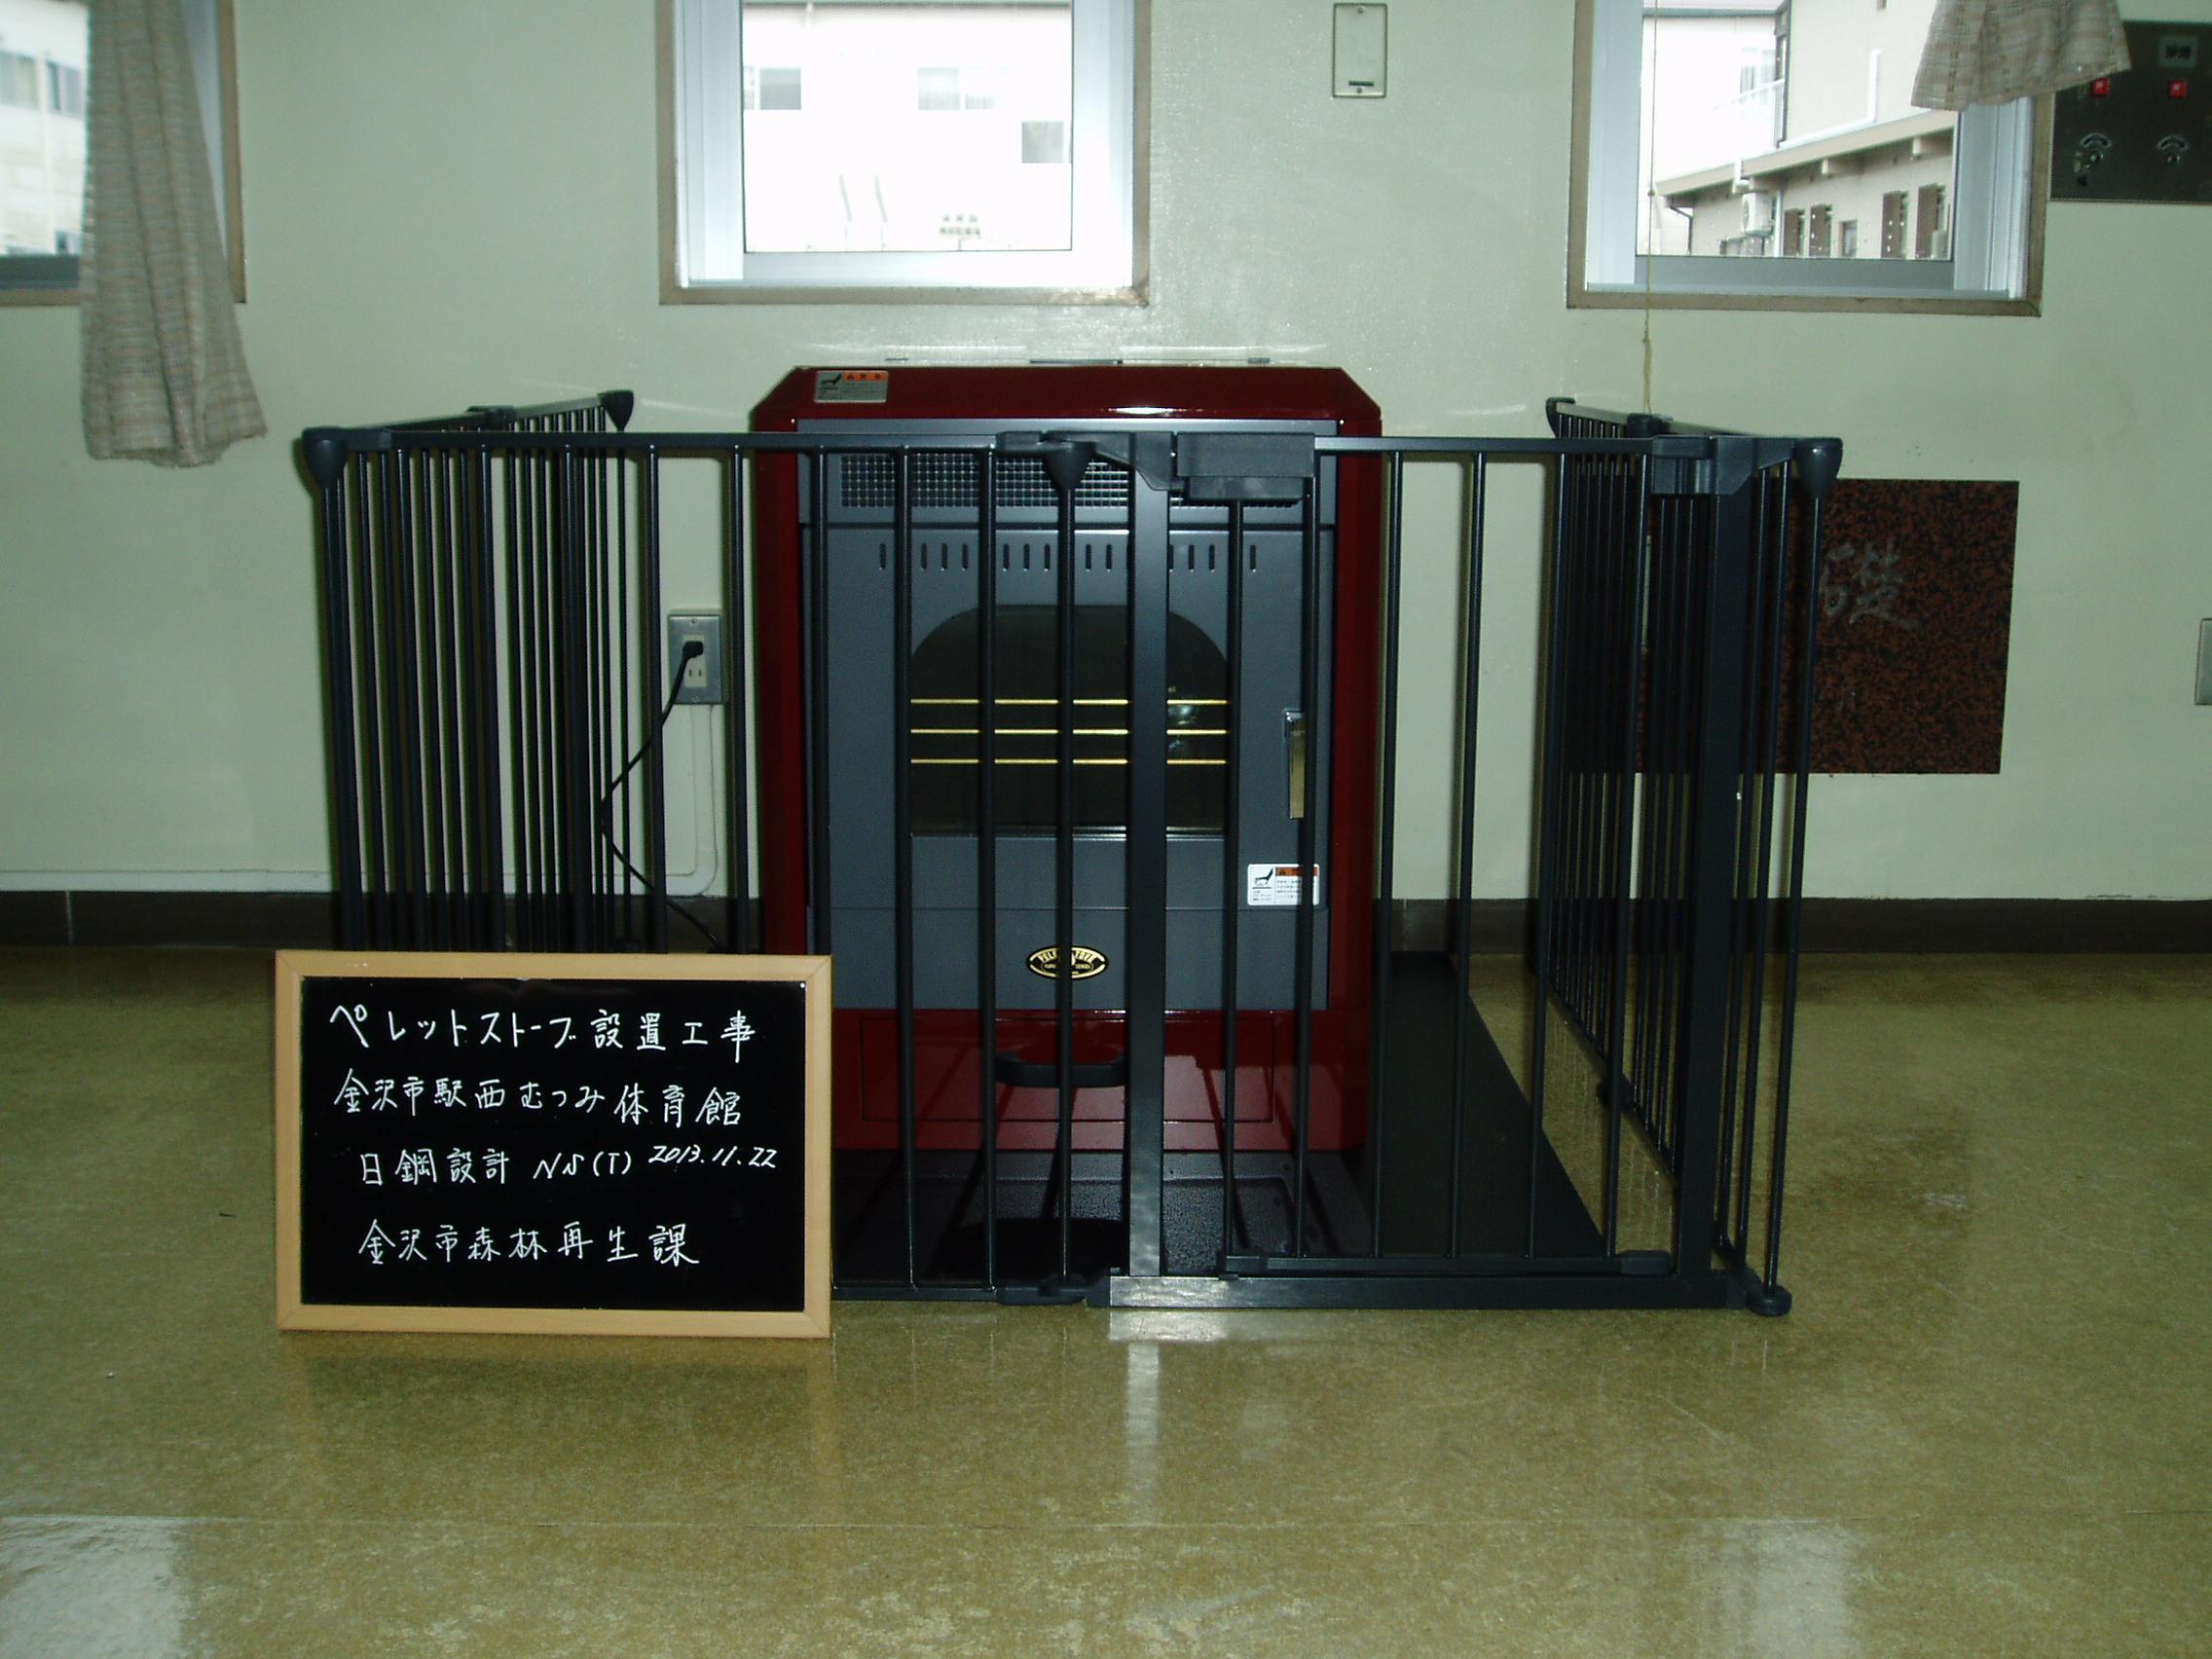 金沢駅西むつみ体育館にペレットストーブを設置しました。